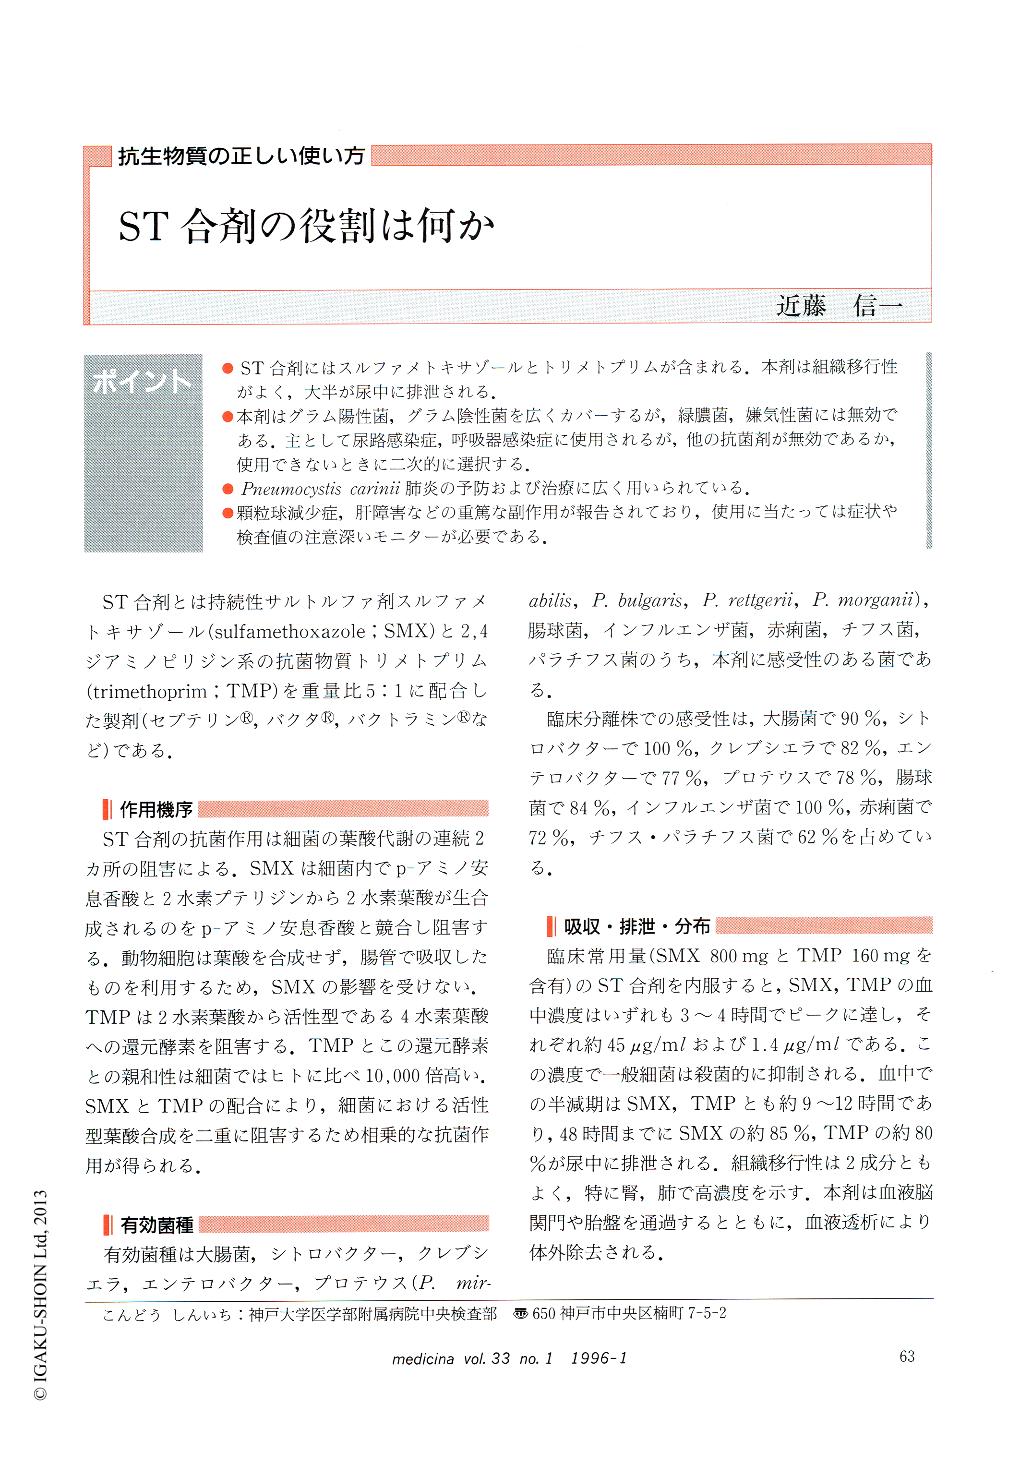 St 合 剤 癌および化学療法による貧血 - JCCNB